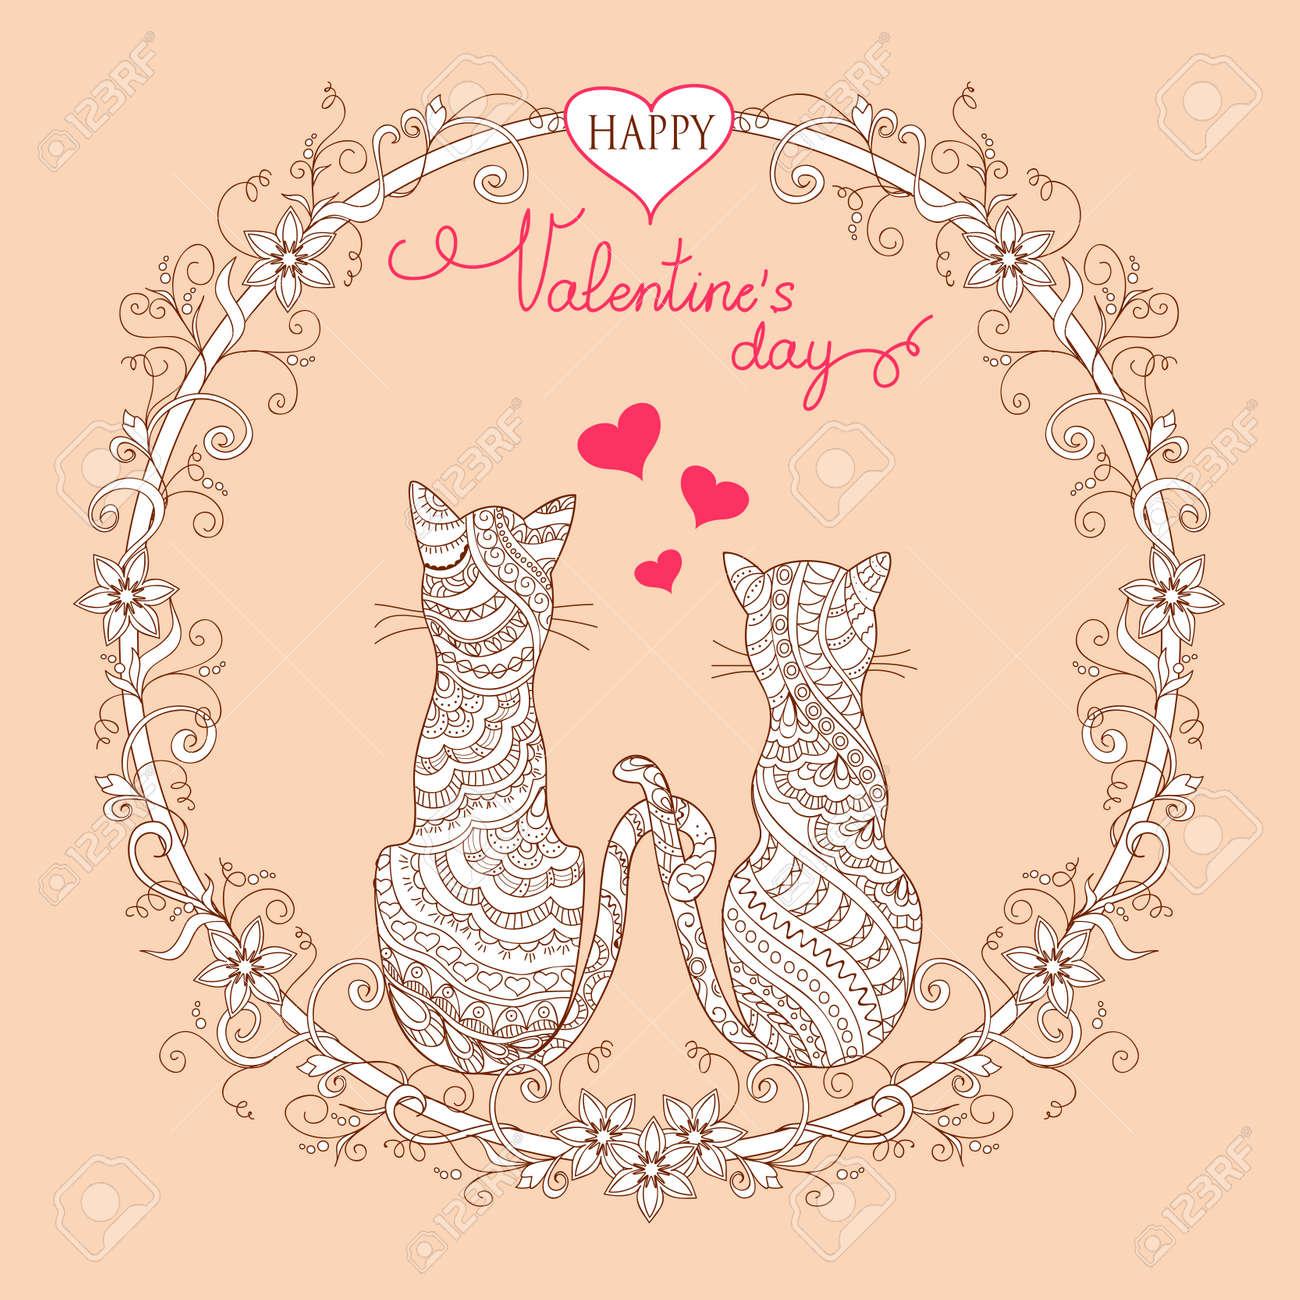 Bunte Valentine Grußkarte Mit Hand Verziert Paar Katzen In Mandala ...